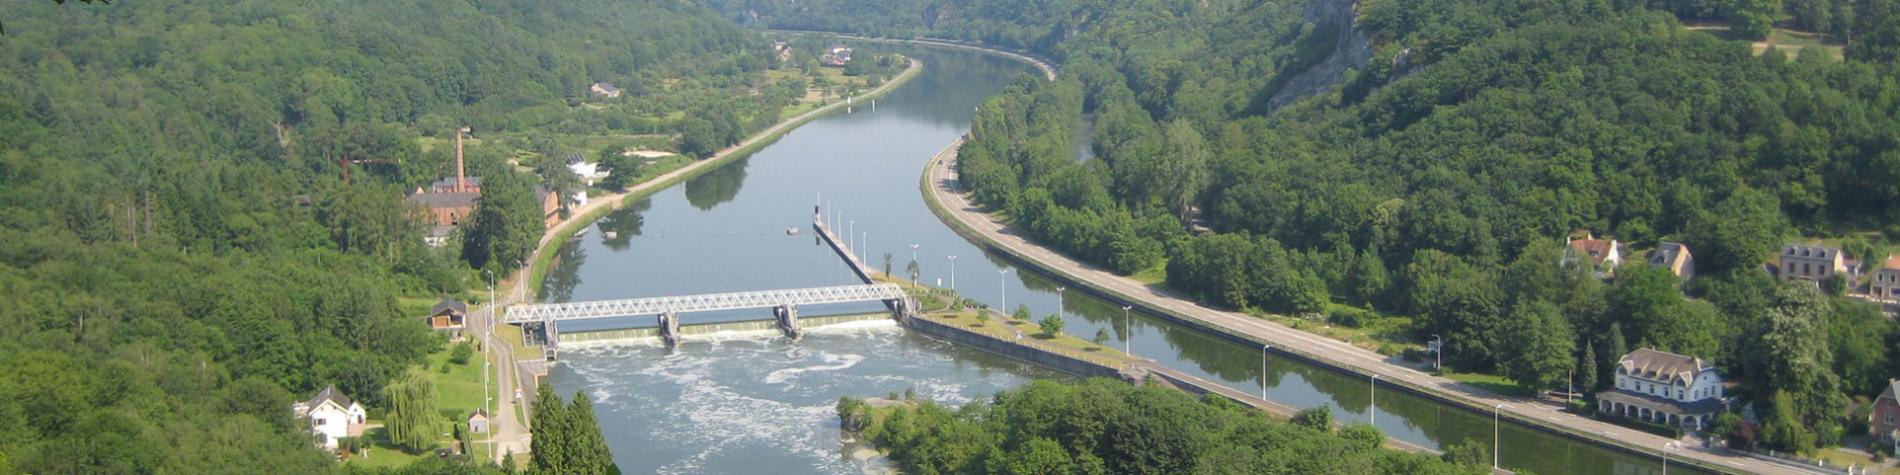 Hastière - Waulsort - Barrage panorama - Belvedere